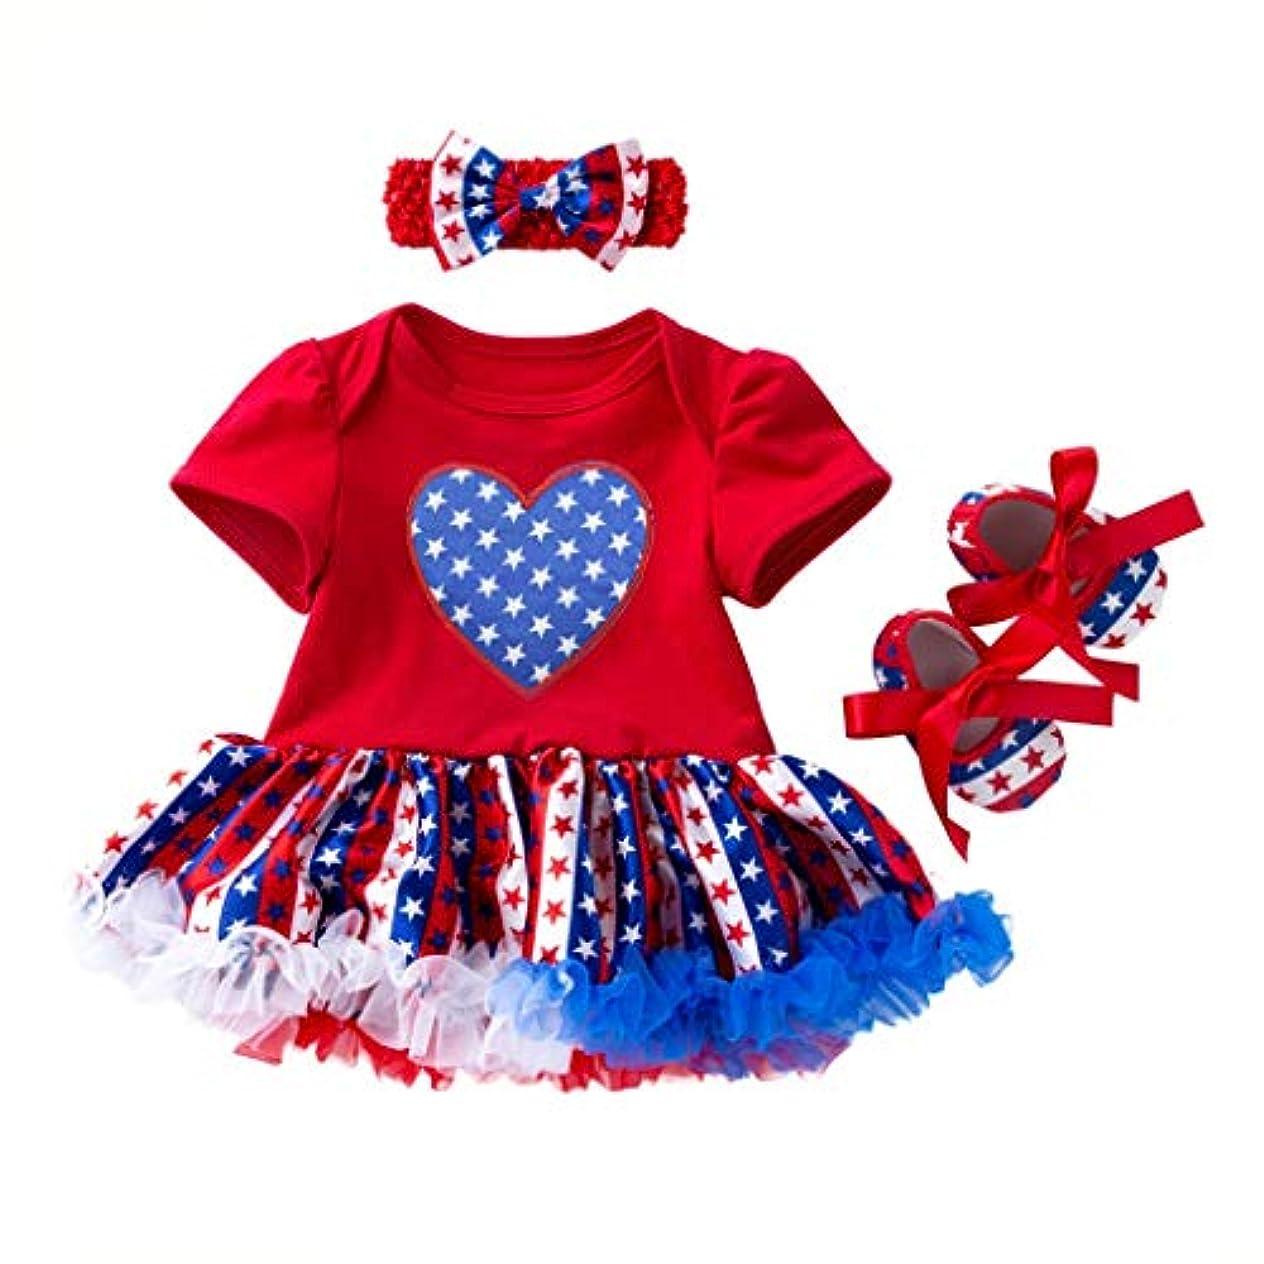 汚染された神経邪悪な[ポクトロン] ベビー 独立記念日 赤ちゃん 半袖 スタープリント ドレス プリンセススカート+ヘアバンド+靴 スリーピーススーツ スーツ 3点セット